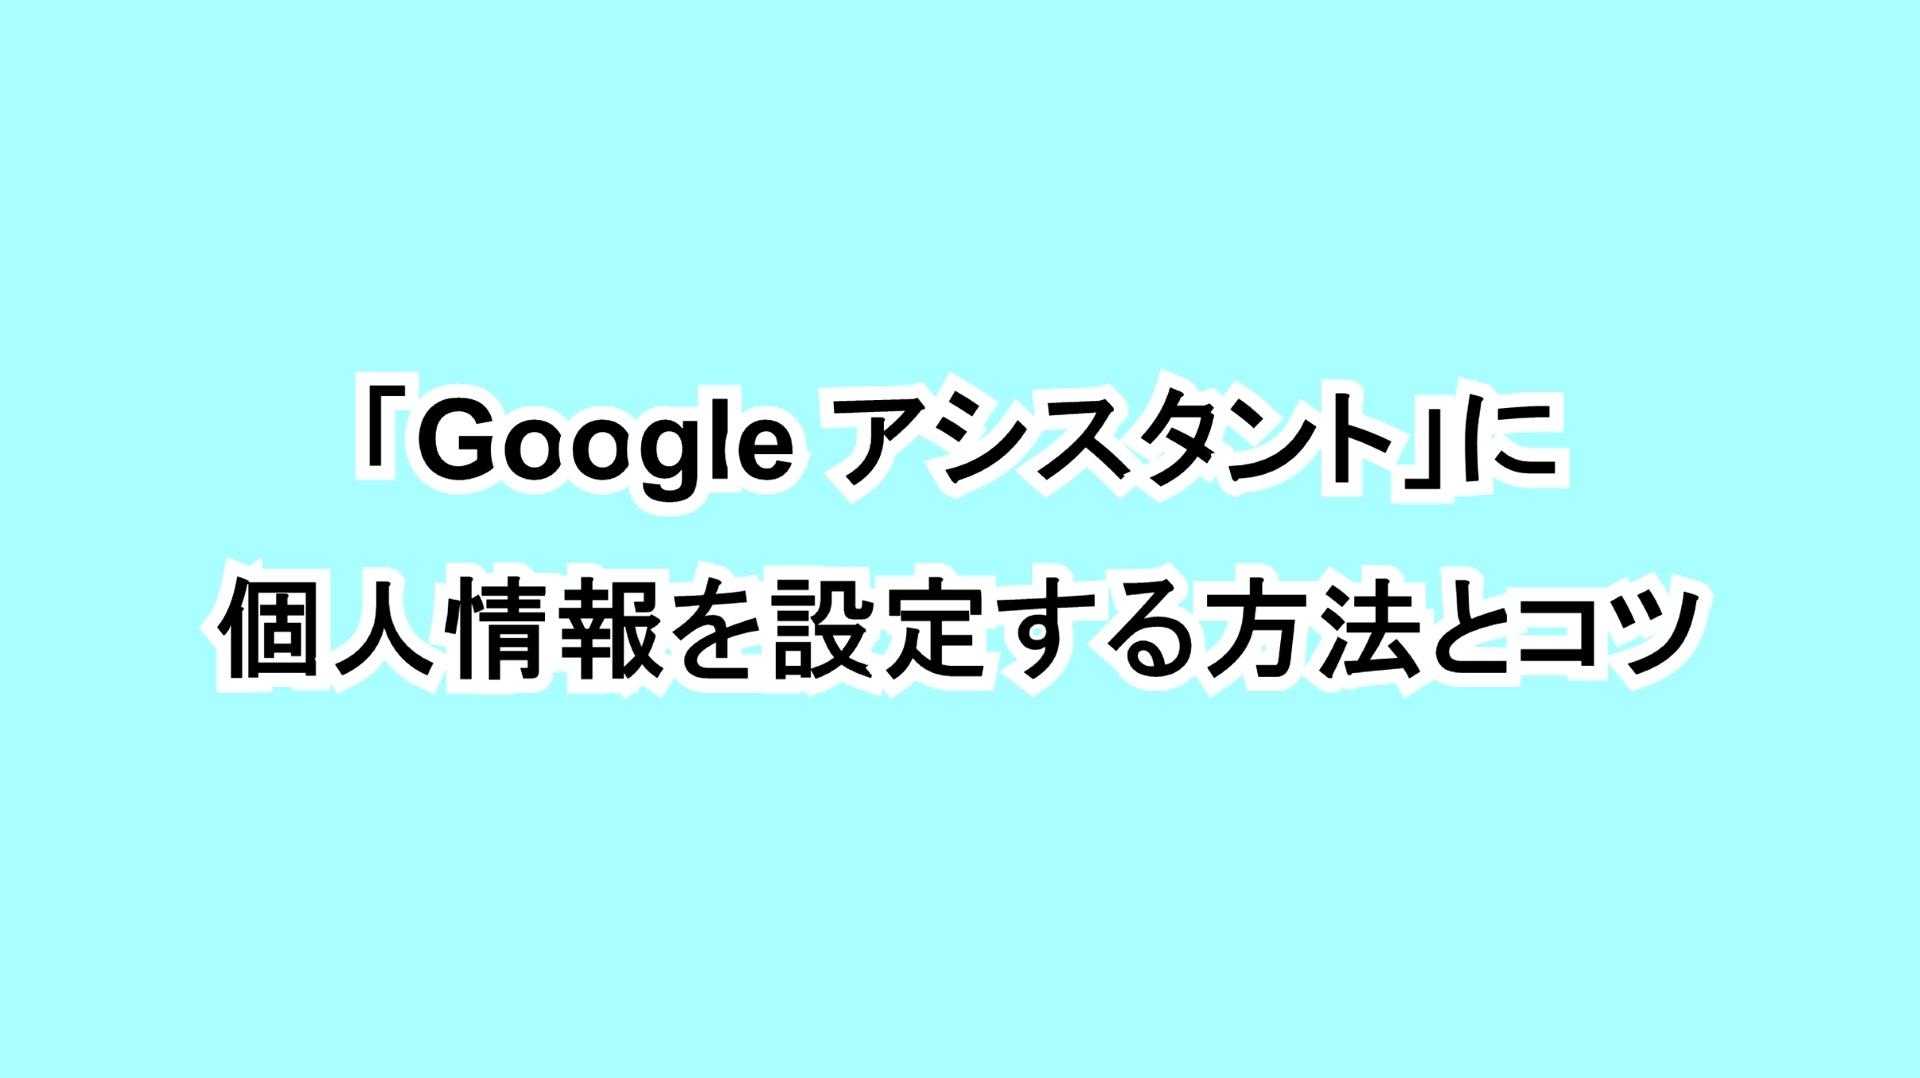 「Google アシスタント」に個人情報を設定する方法とコツ